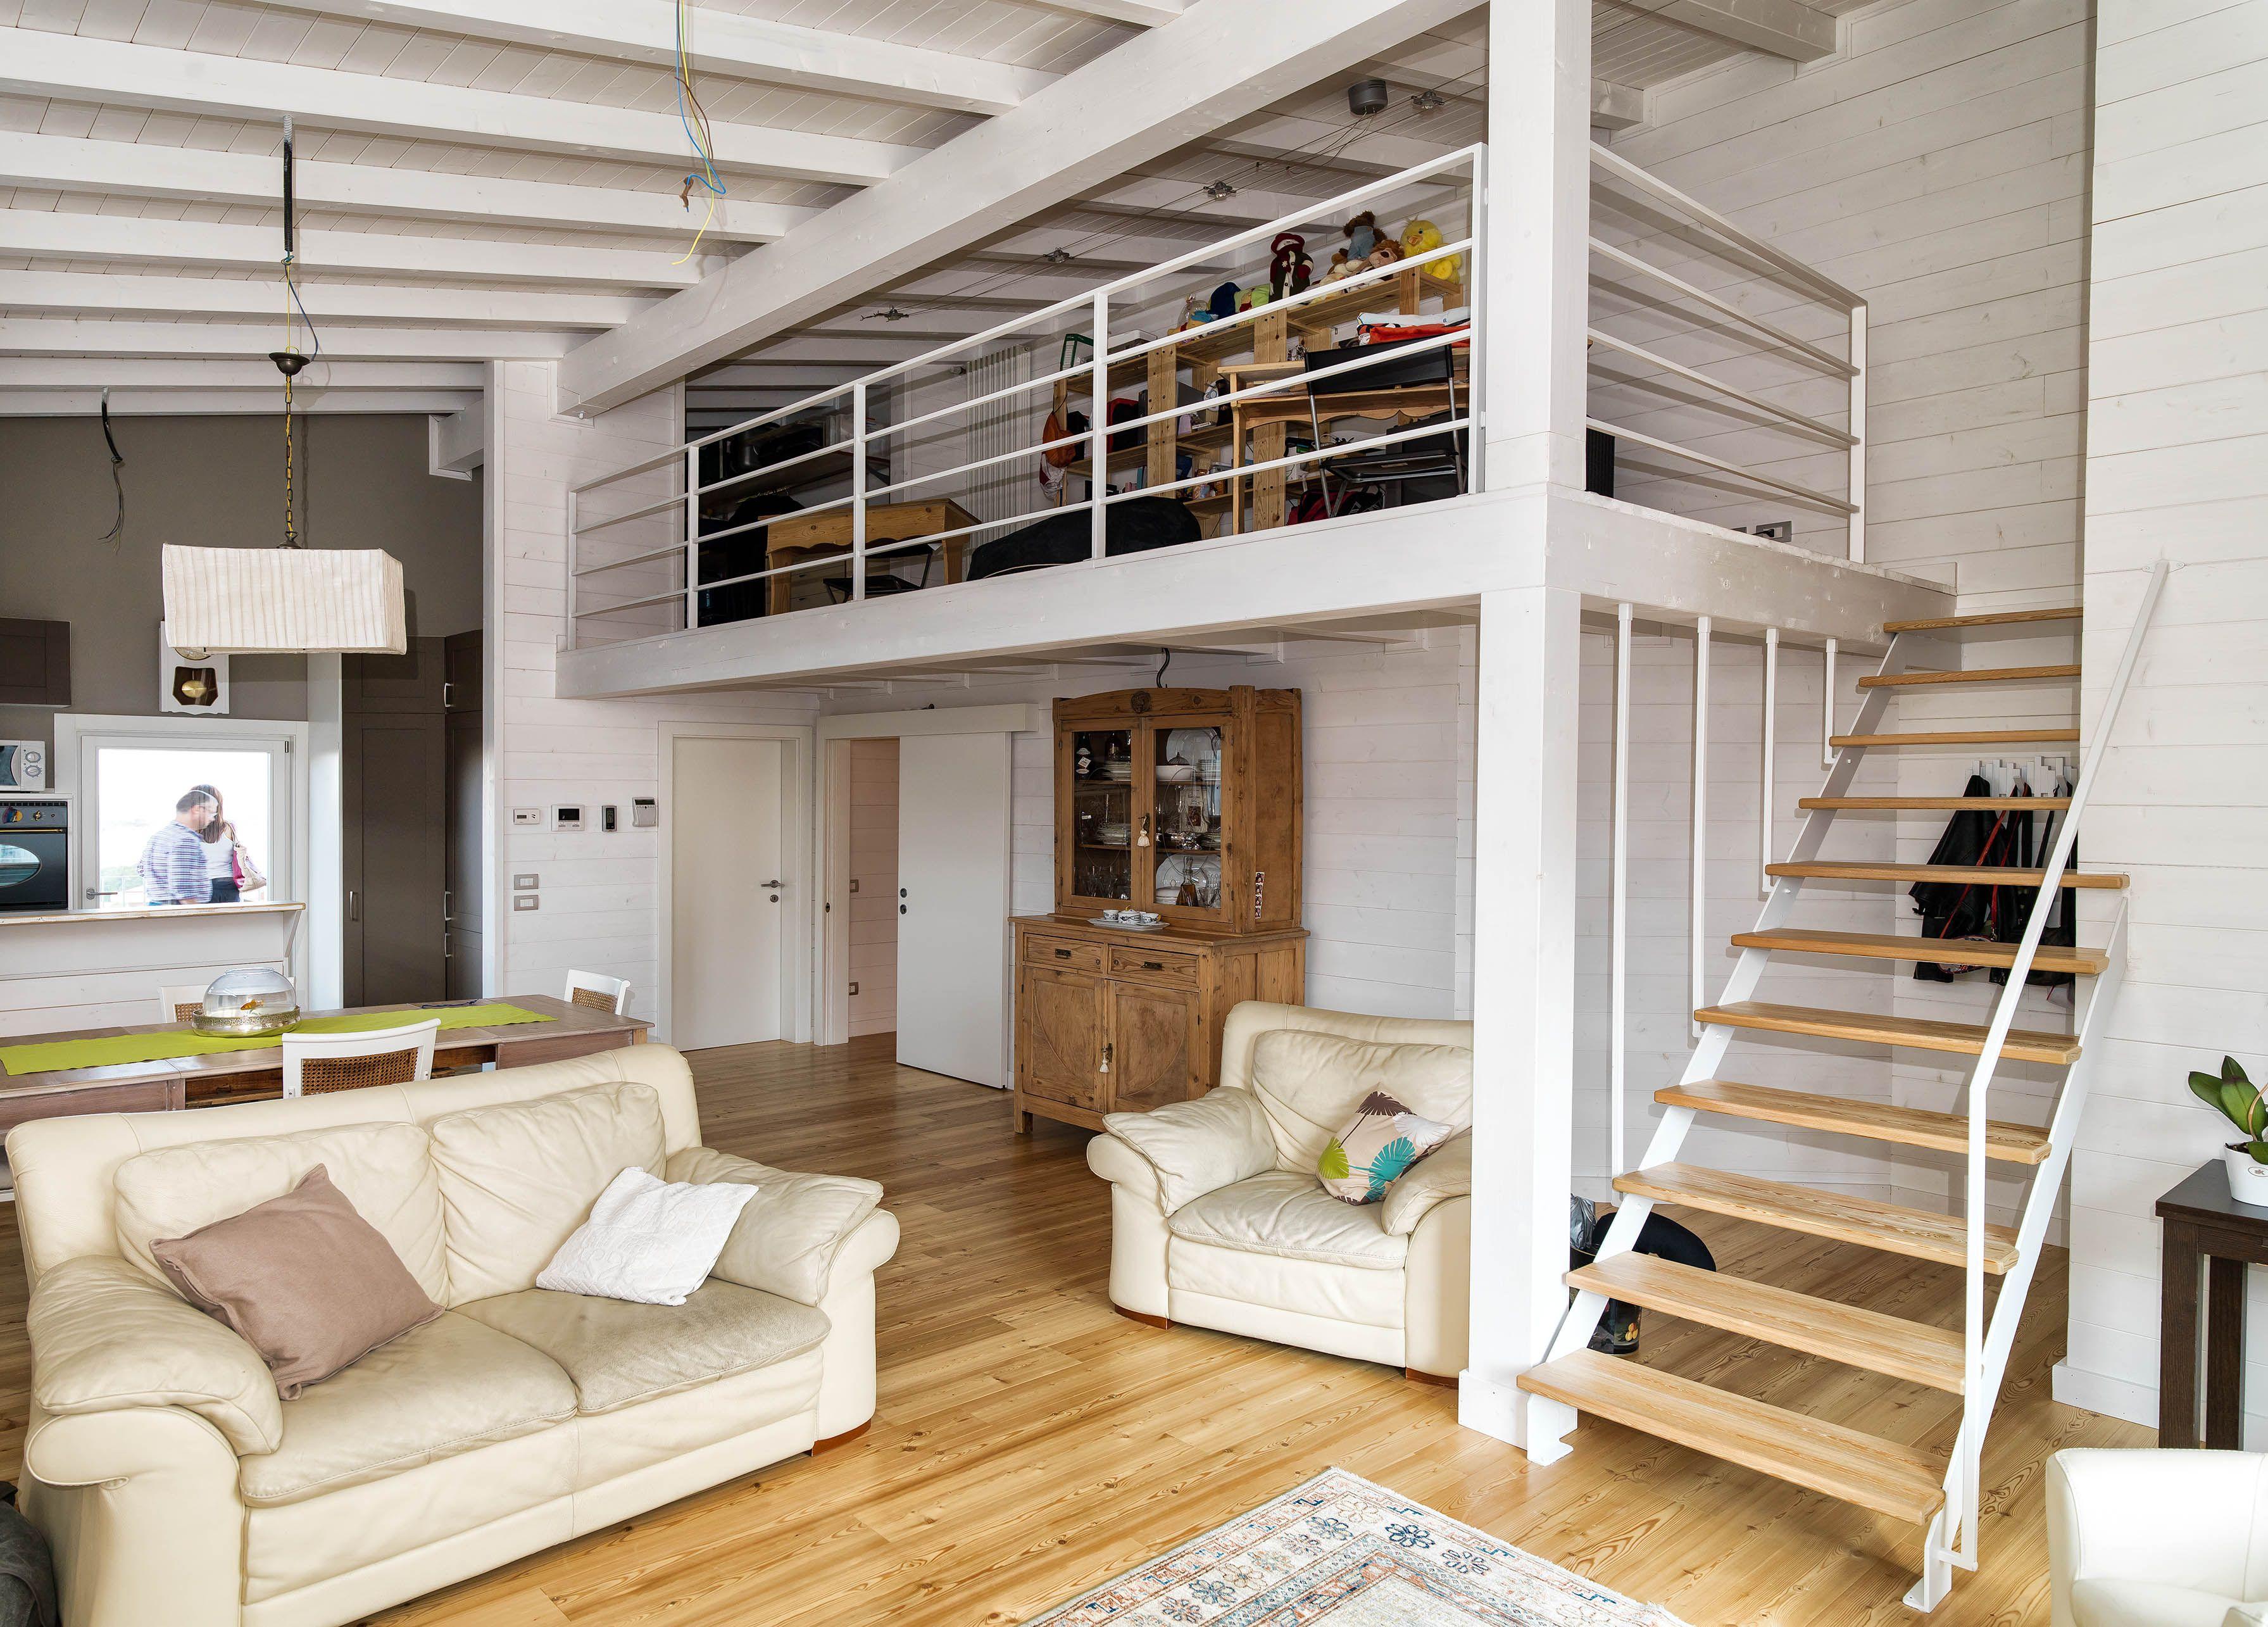 Design in legno ampliamento rubner haus ampliamento rubner 105 pinterest - Ampliamento casa in legno ...